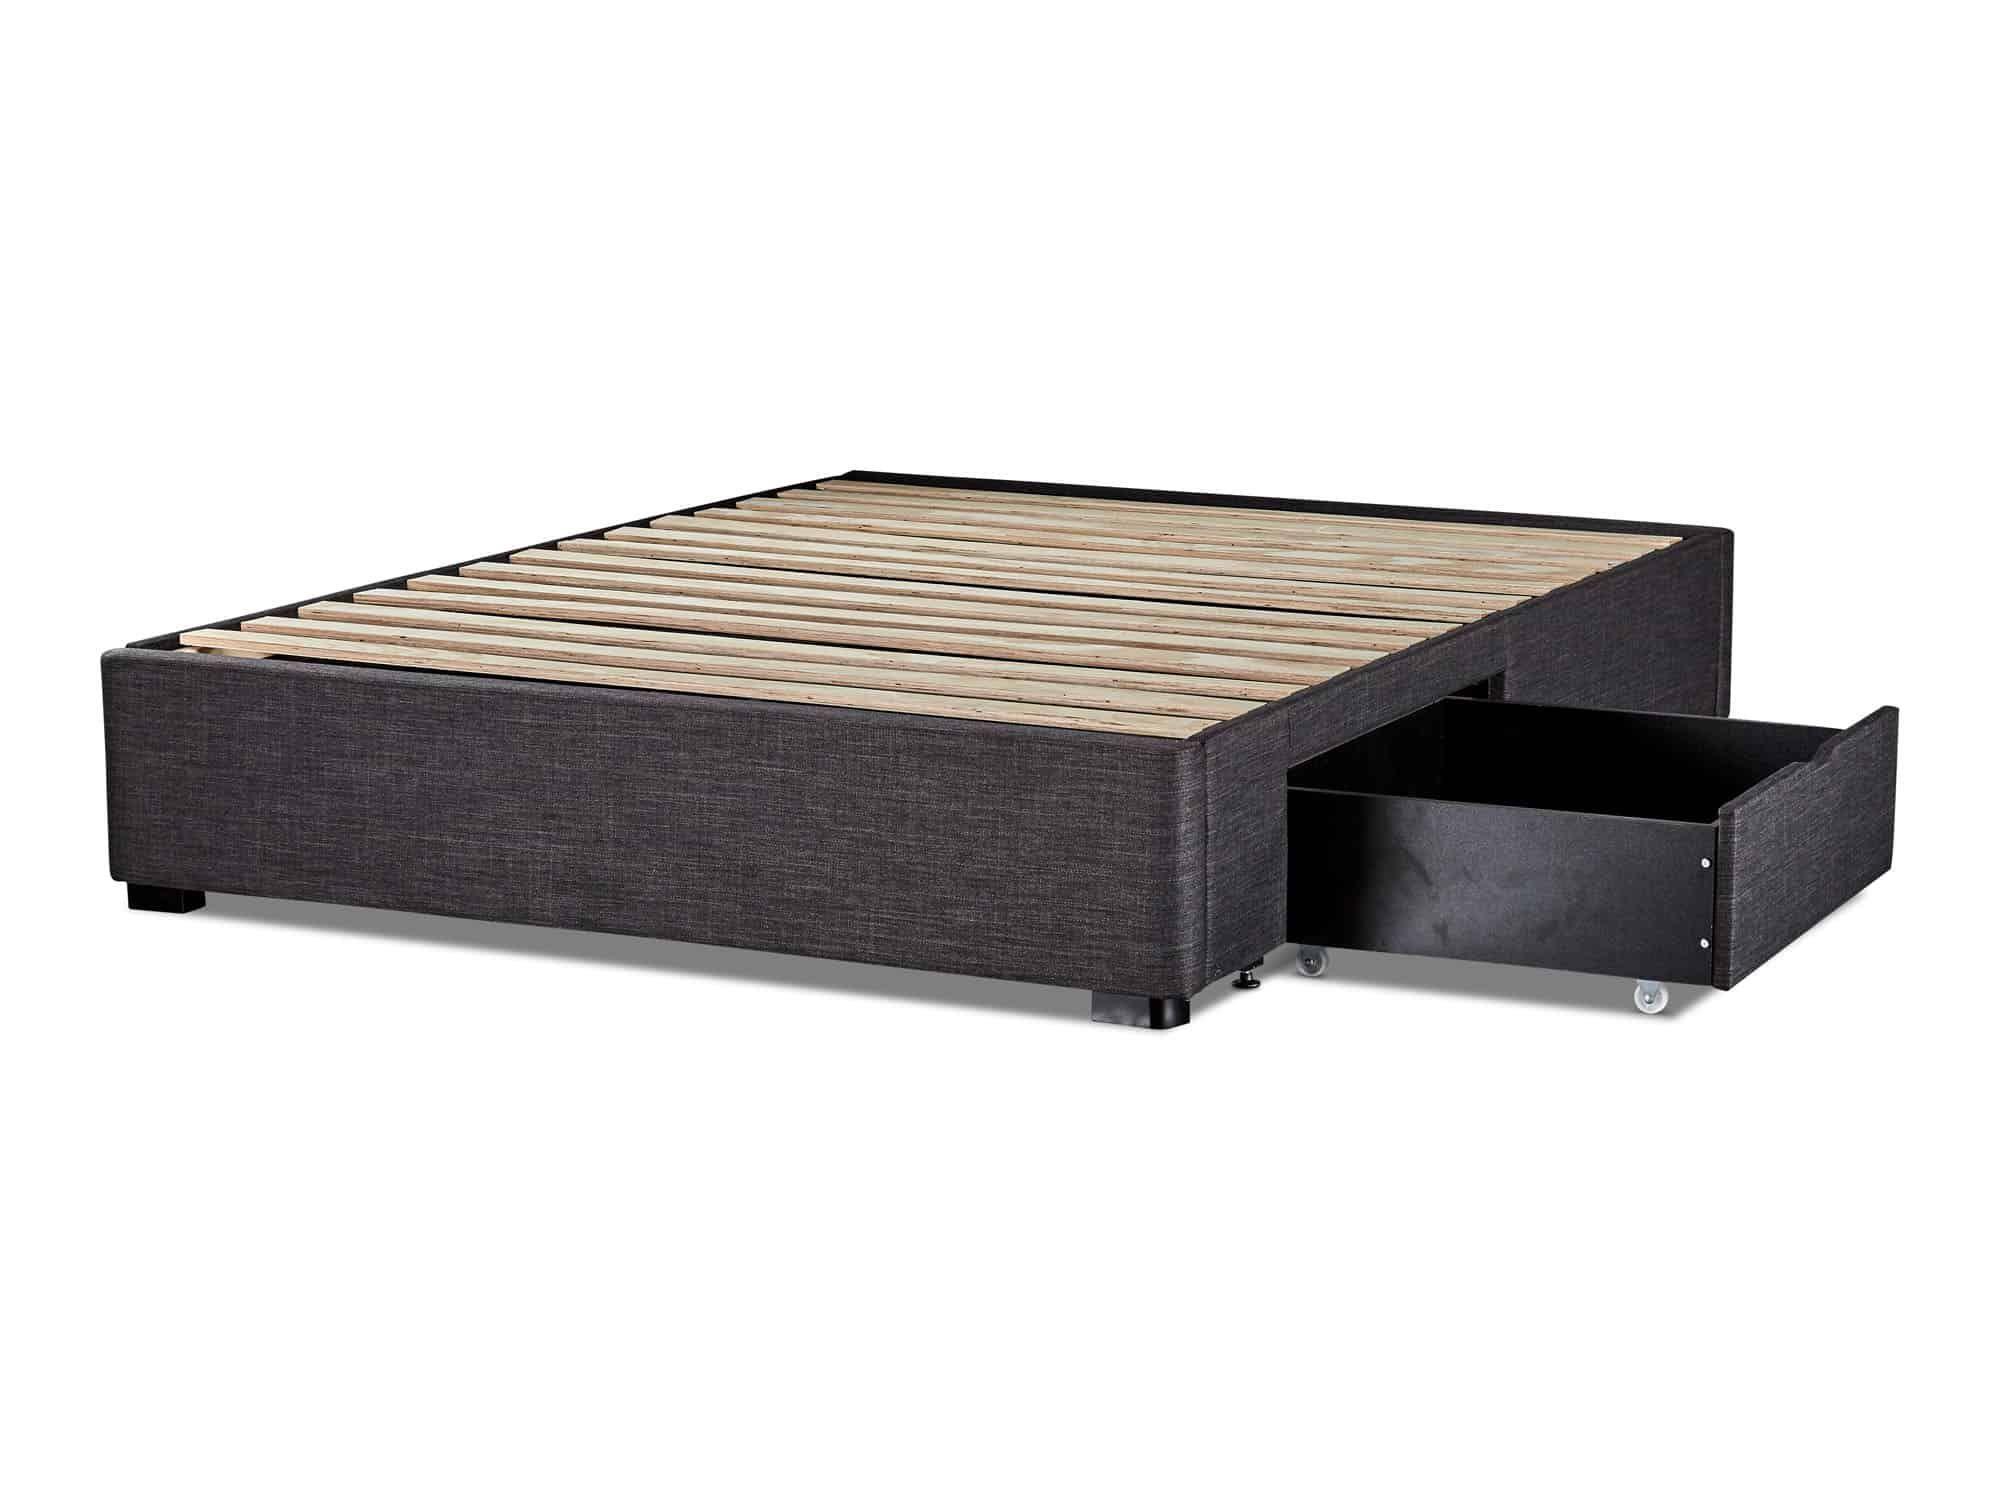 Blyth Queen slat bed frame Bed slats, Slats, Bed